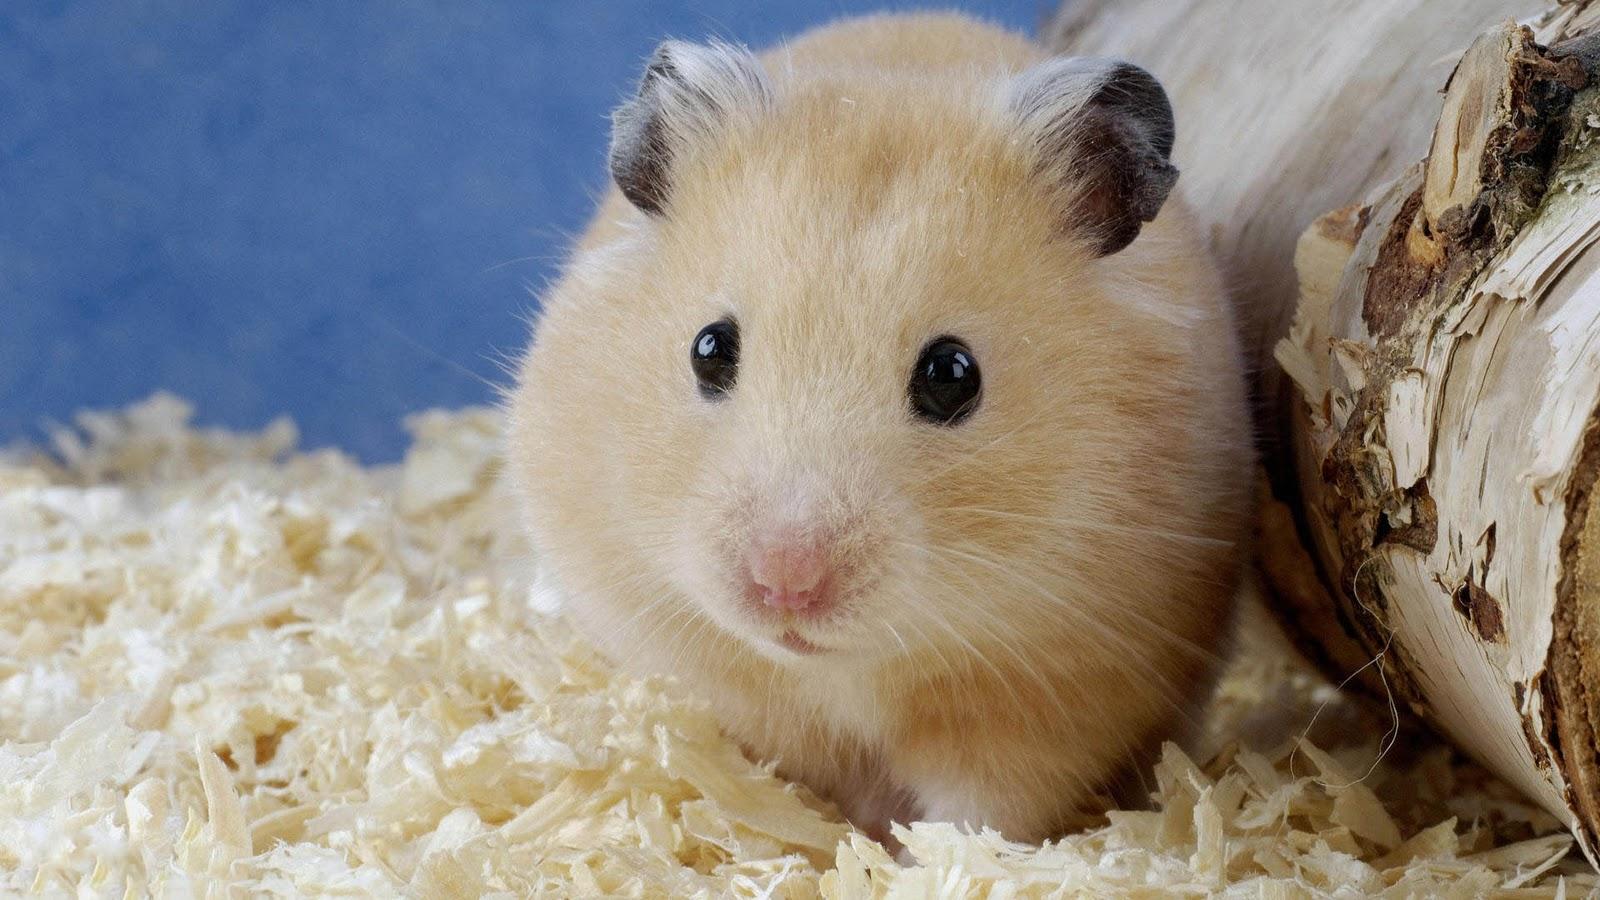 Hamsters achtergronden dieren hd hamster wallpapers foto 17jpg 1600x900